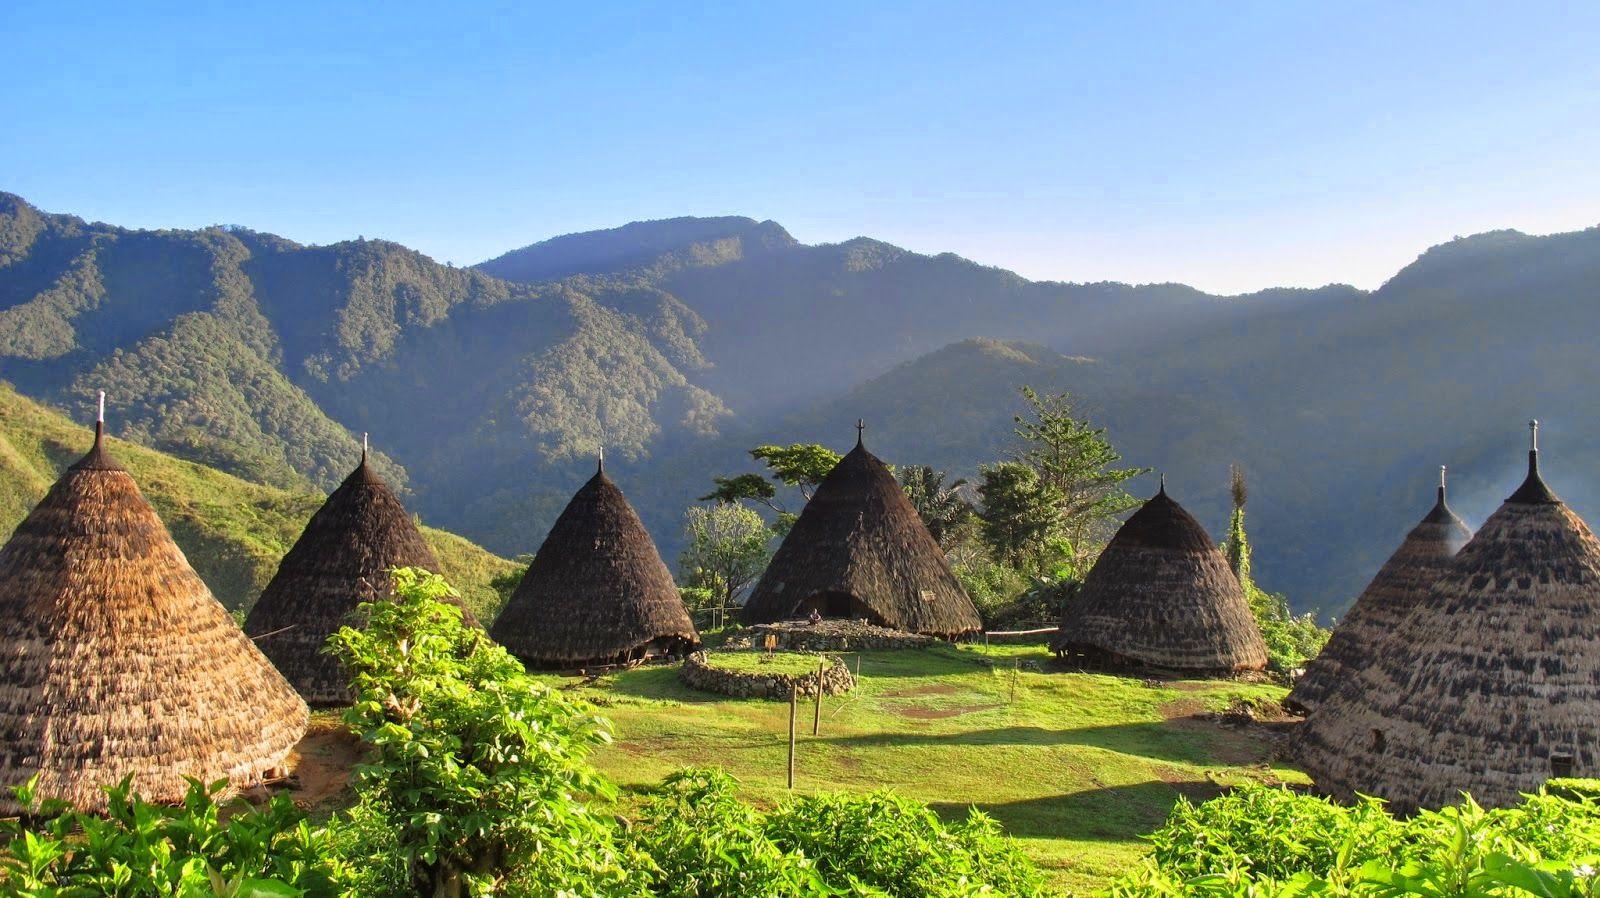 Ragam Wisata Dan Kuliner Indonesia Wisata Desa Wae Rebo Flores Ntt Pedesaan Pemandangan Foto Wisata